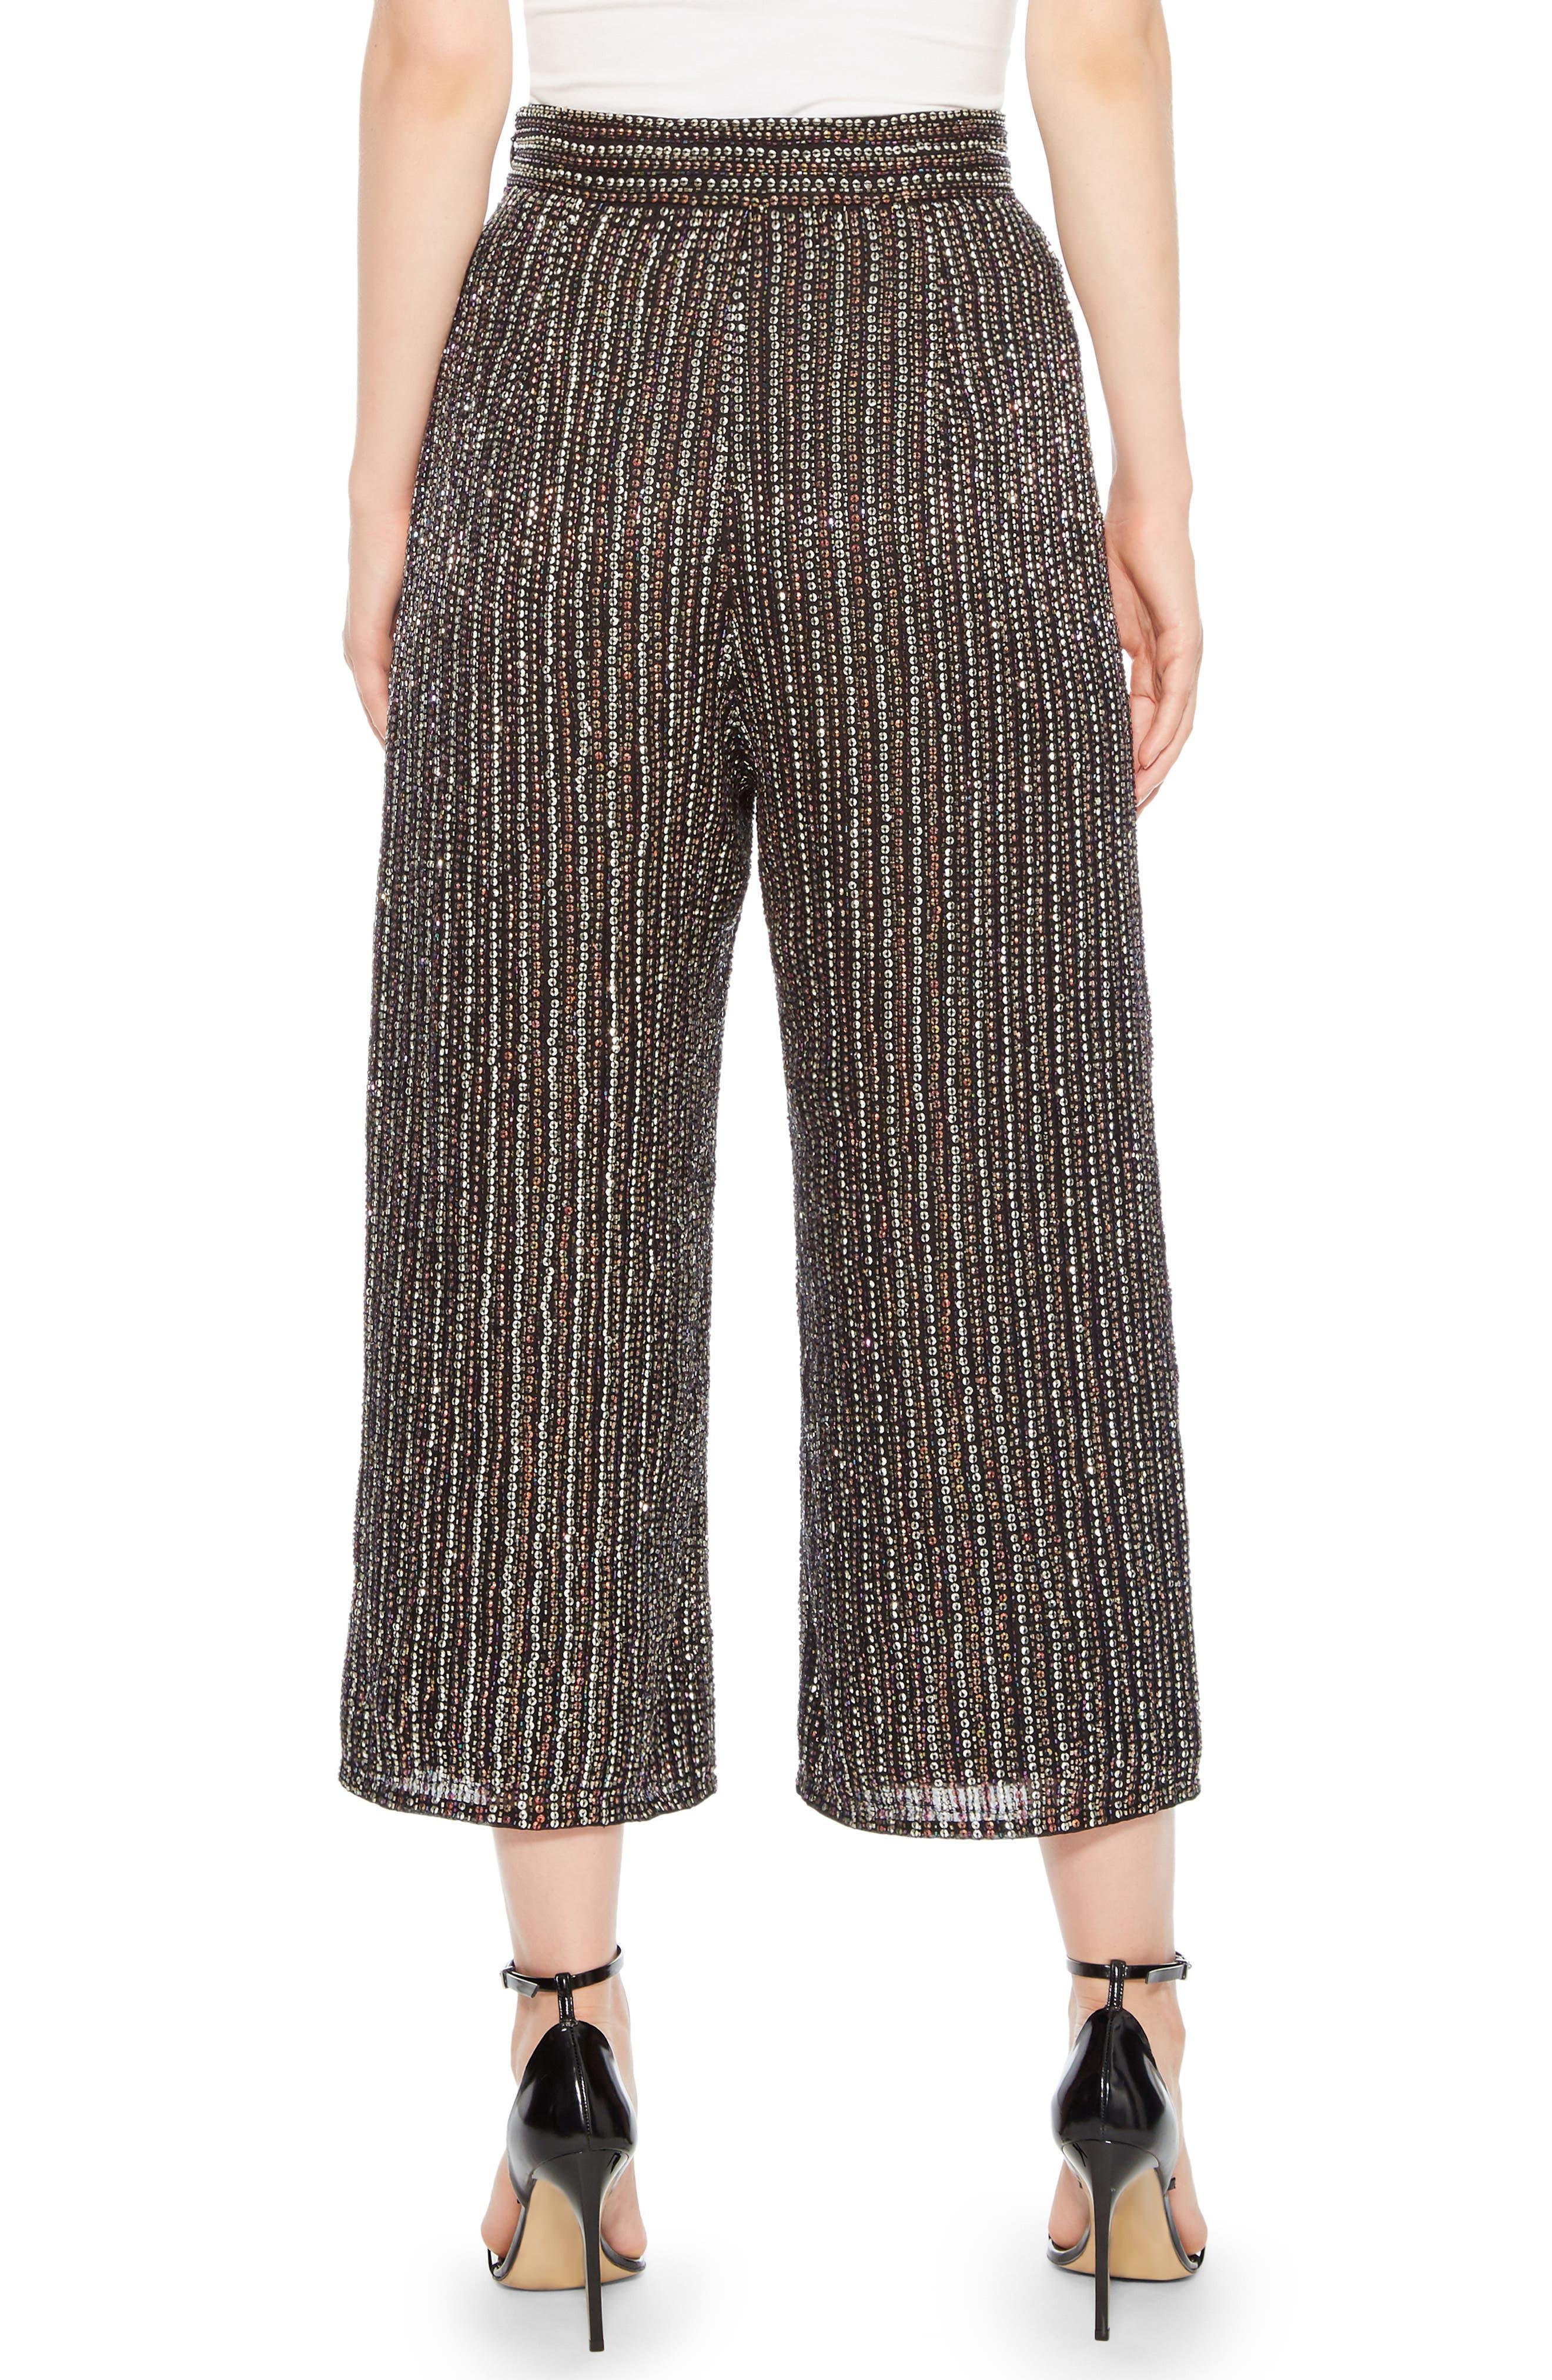 Ellen Wide Leg Crop Pants,                             Alternate thumbnail 2, color,                             BLACK MULTI